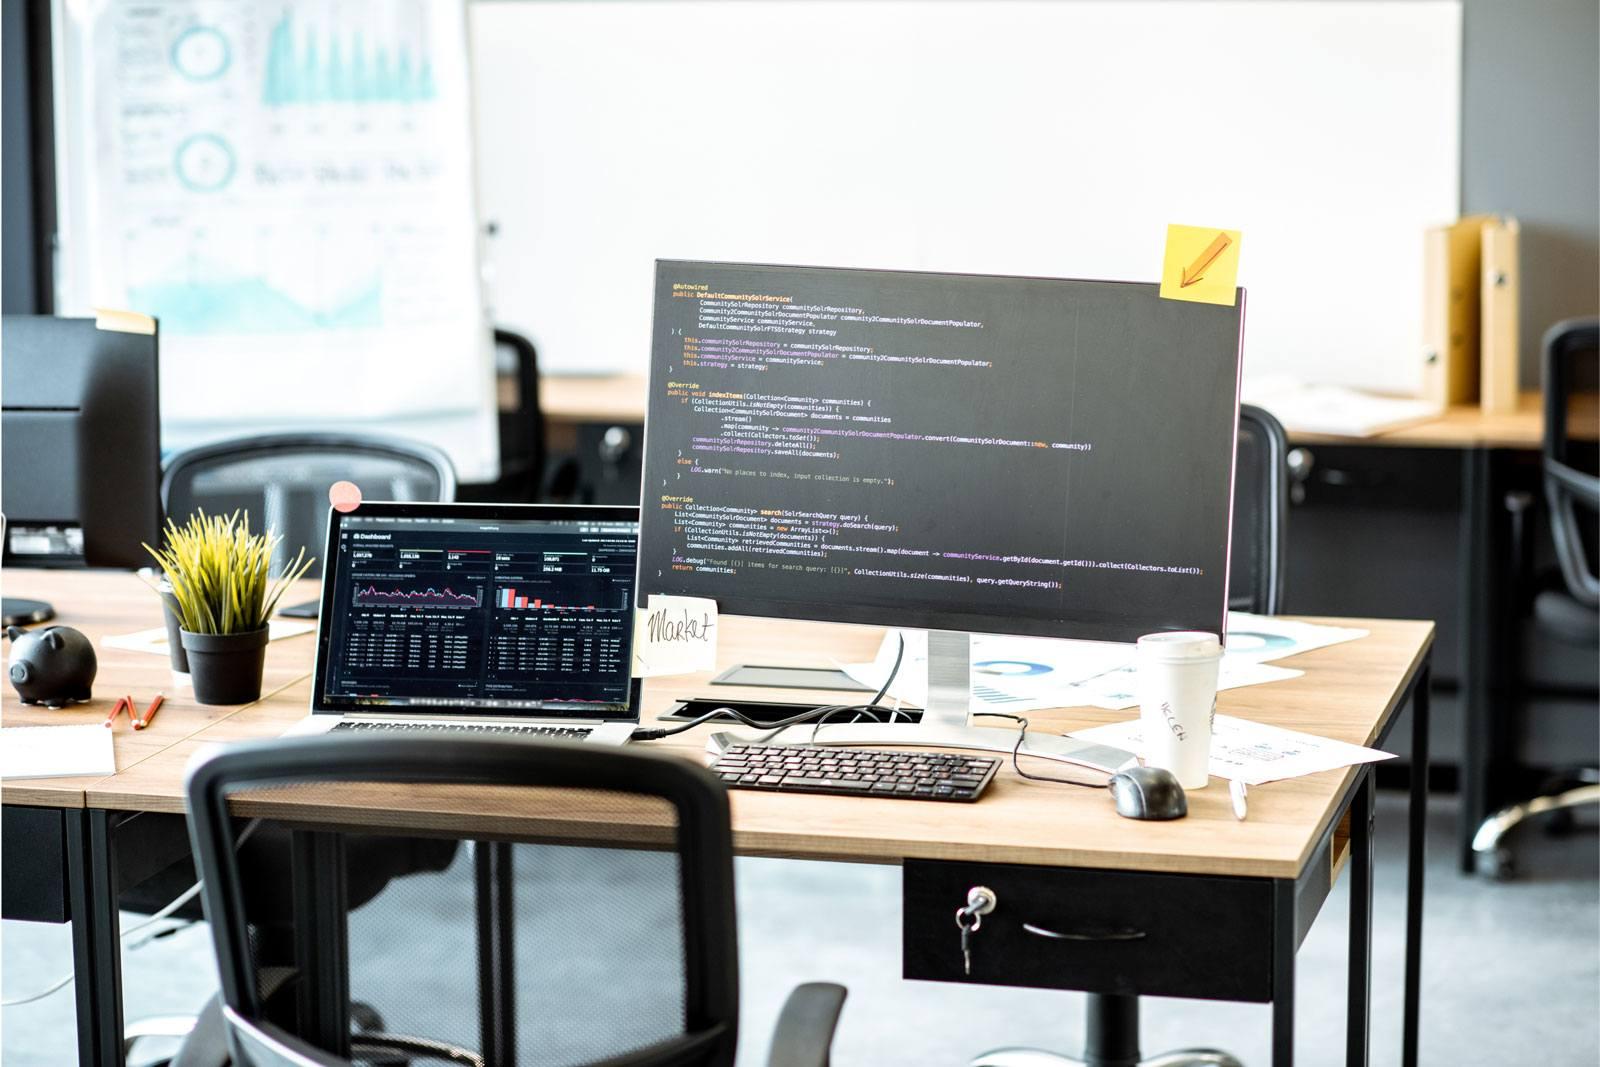 pc-devops-process-webpage-code